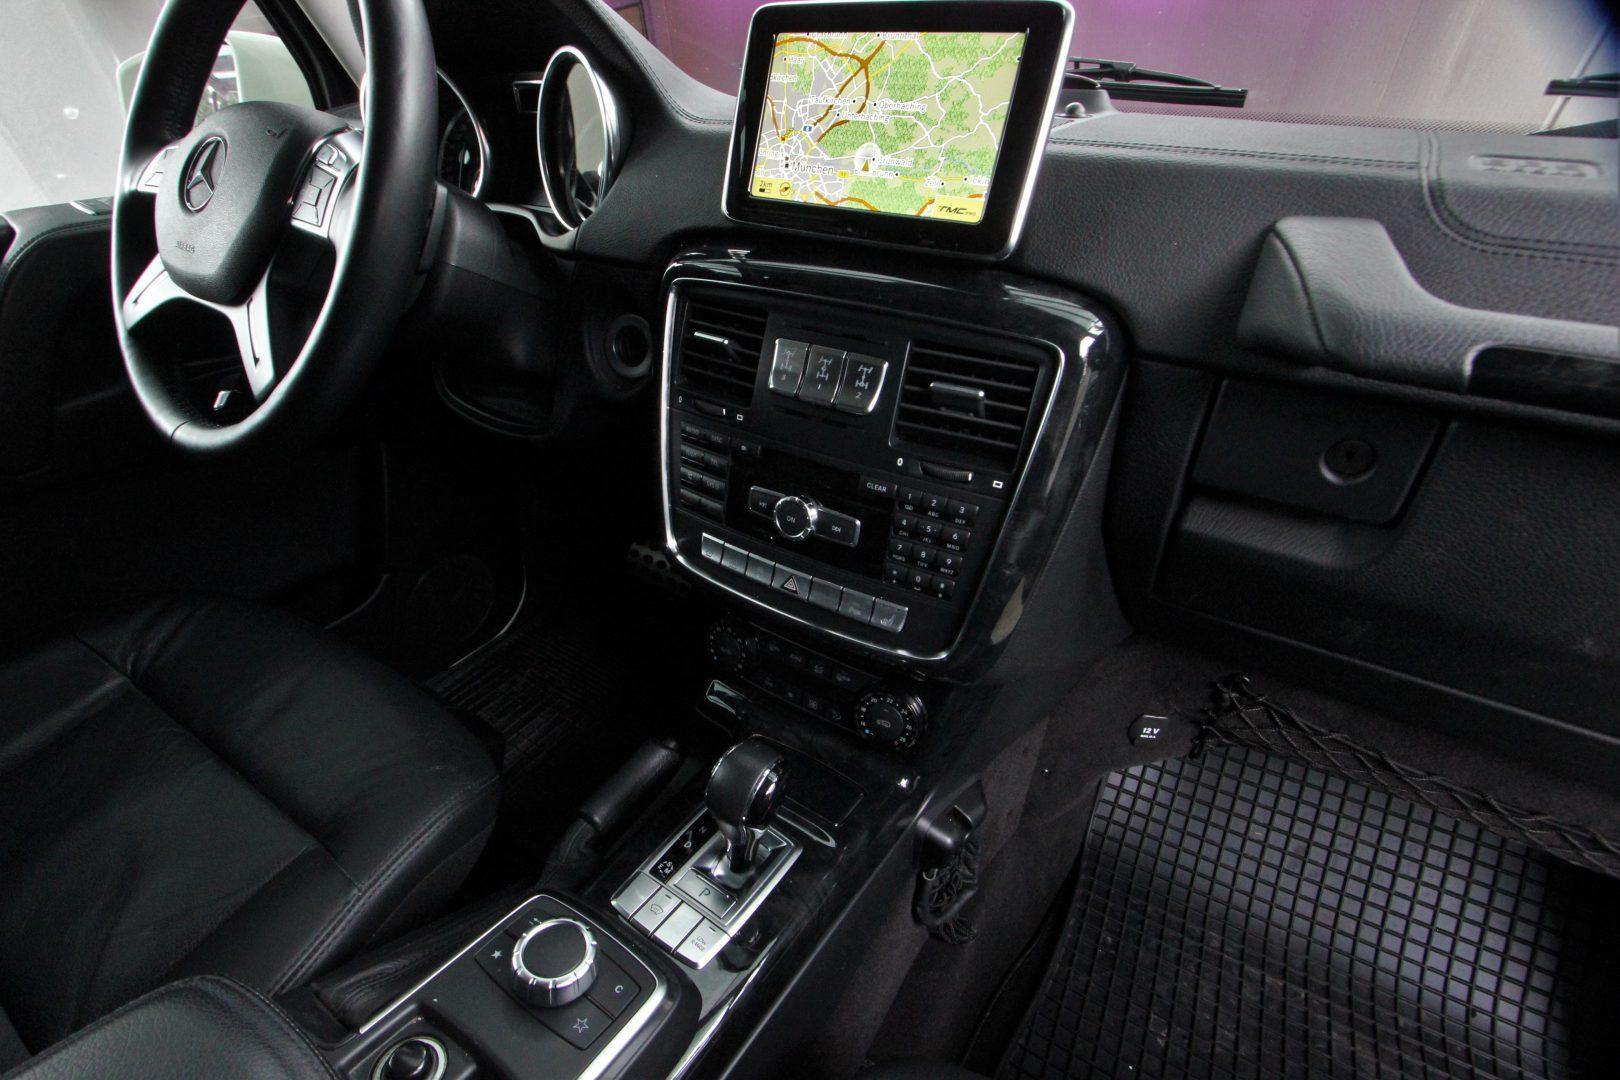 AIL Mercedes-Benz G 350 BlueTec 11